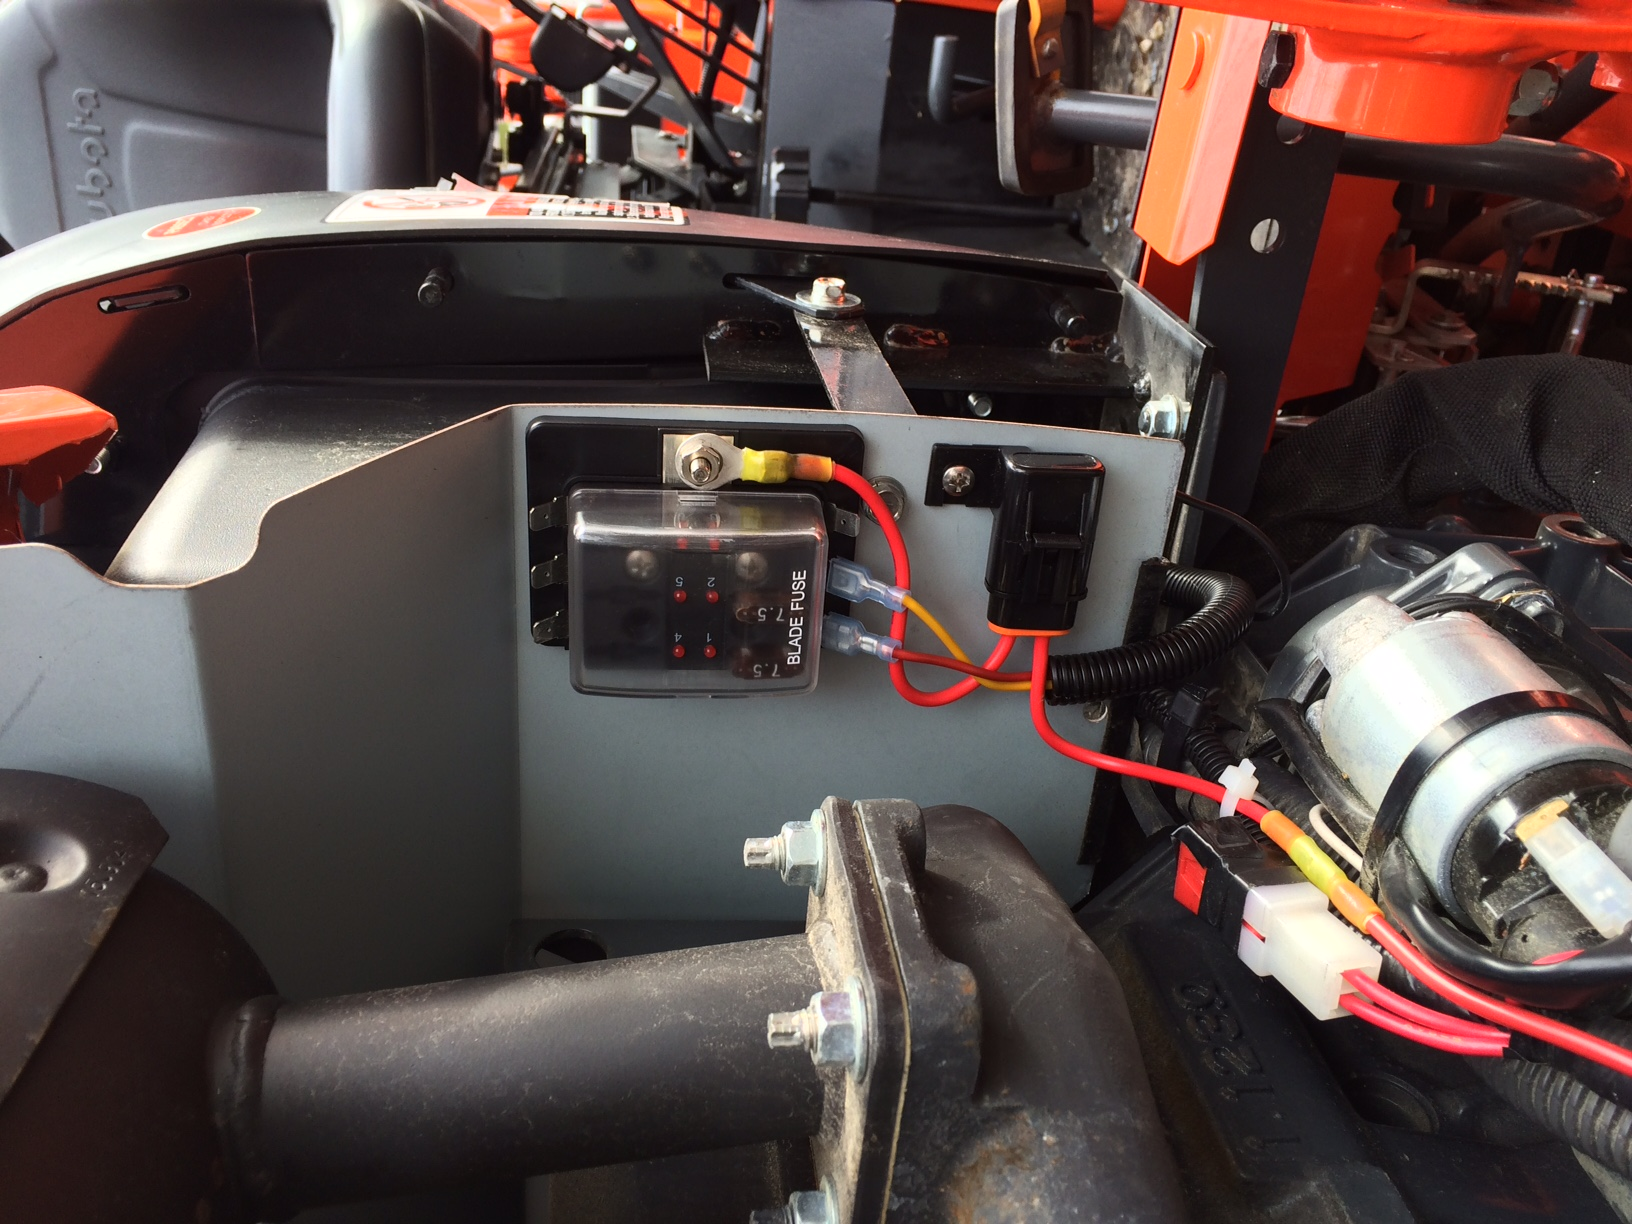 kubota tractor fuse box - wiring diagrams long draw-seem -  draw-seem.ipiccolidi3p.it  draw-seem.ipiccolidi3p.it